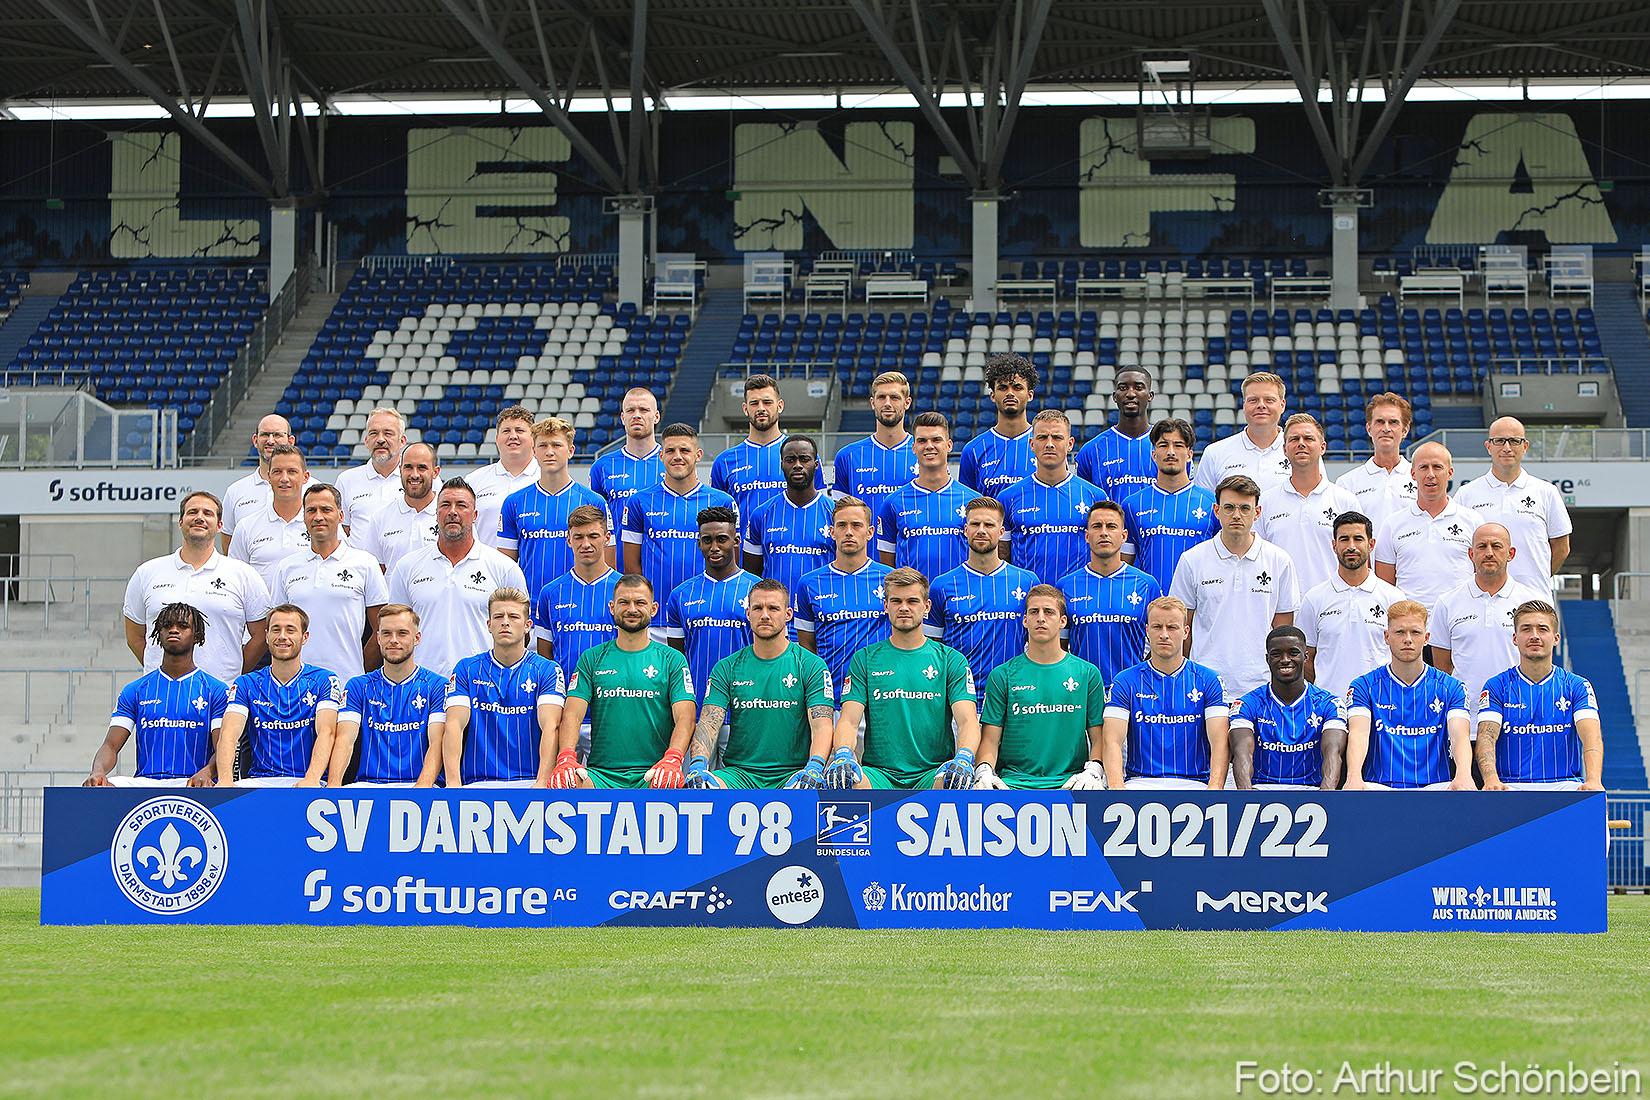 Bilder vom Mediaday beim SV Darmstadt 98